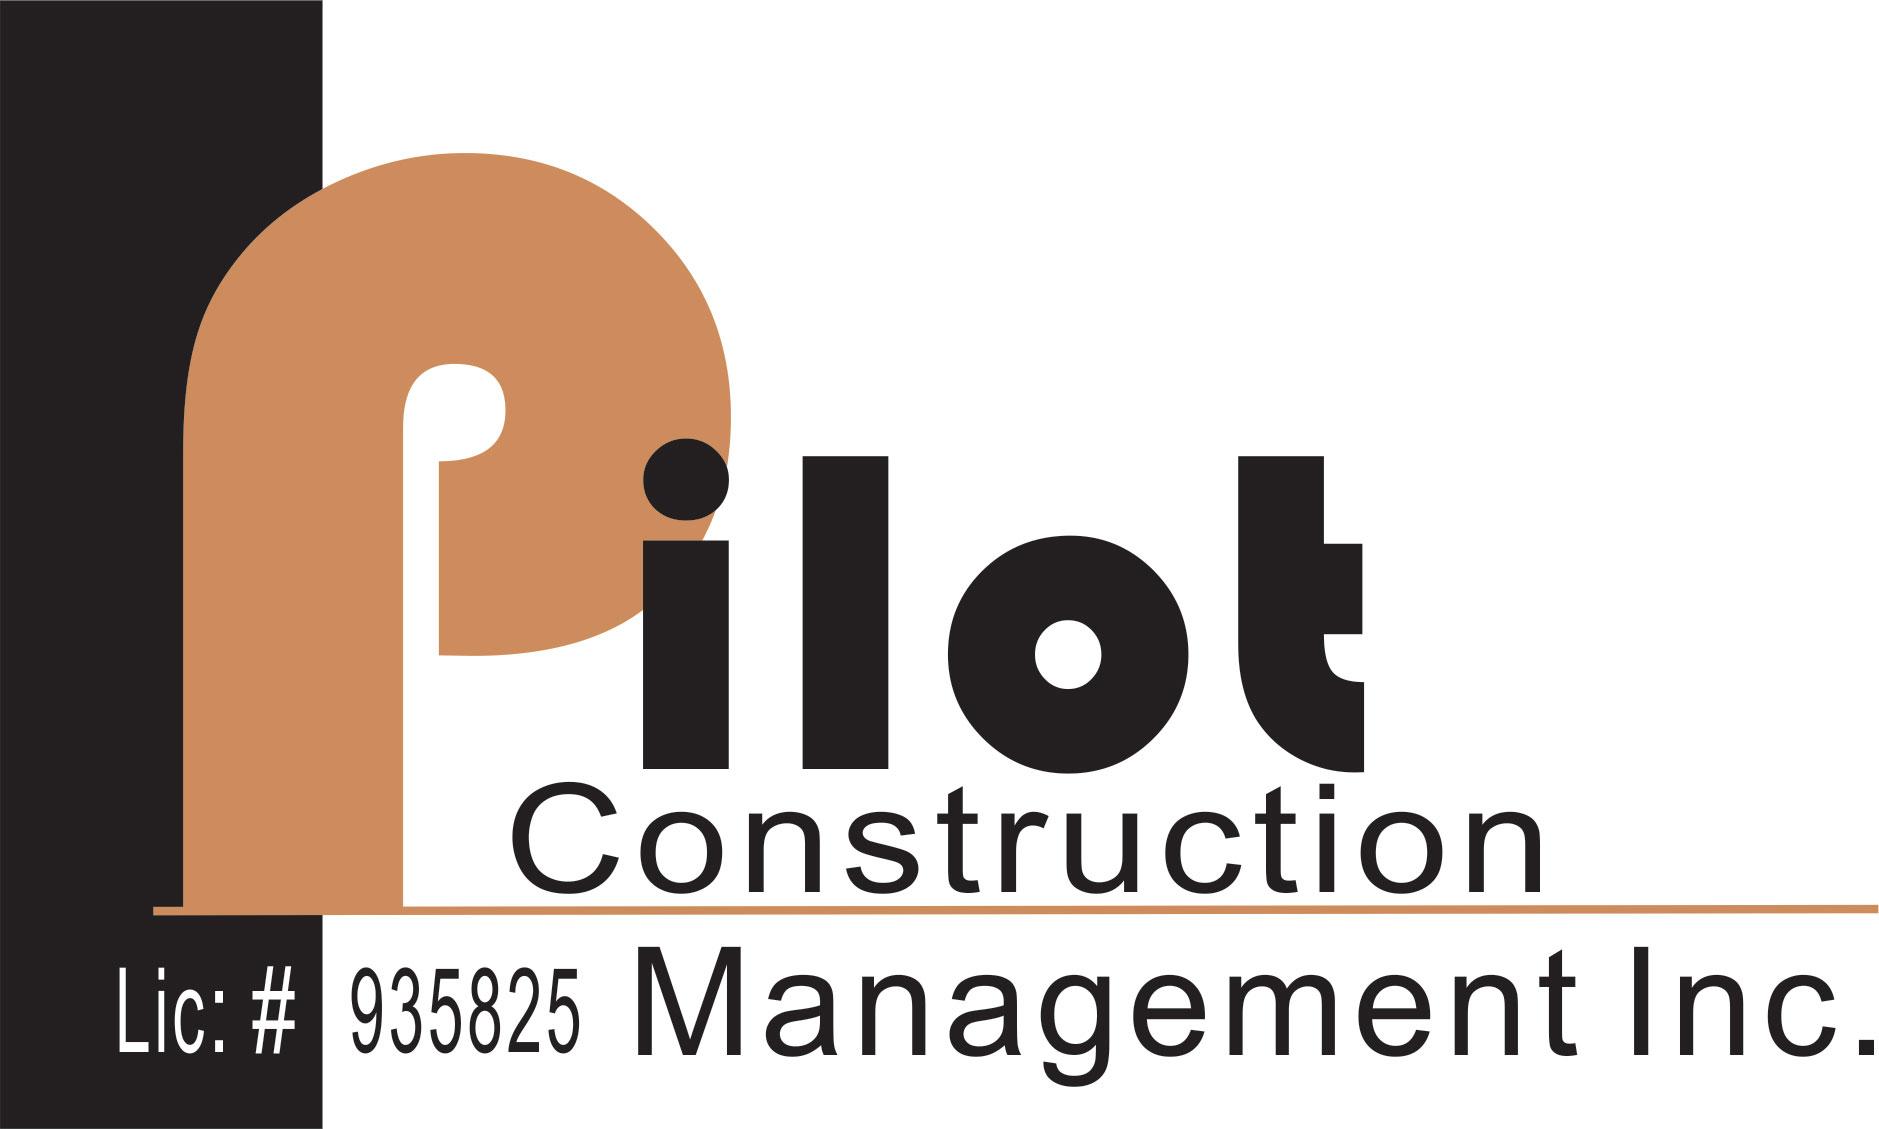 Pilot Construction